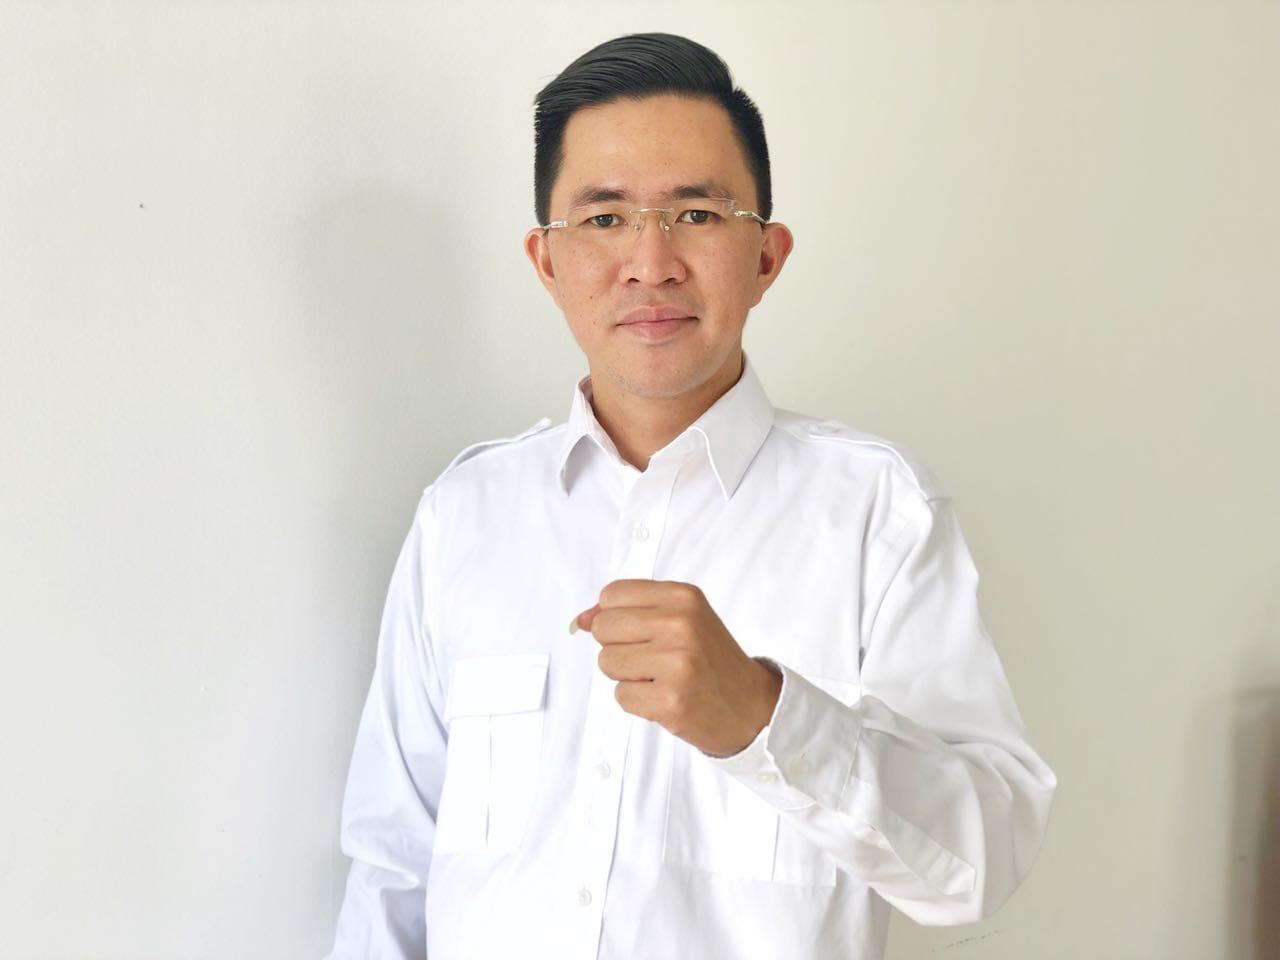 Jokowi Bebaskan Abu Bakar Ba'asyir, MJP: Dia Harus Teken Pernyataan Setia Pada Pancasila